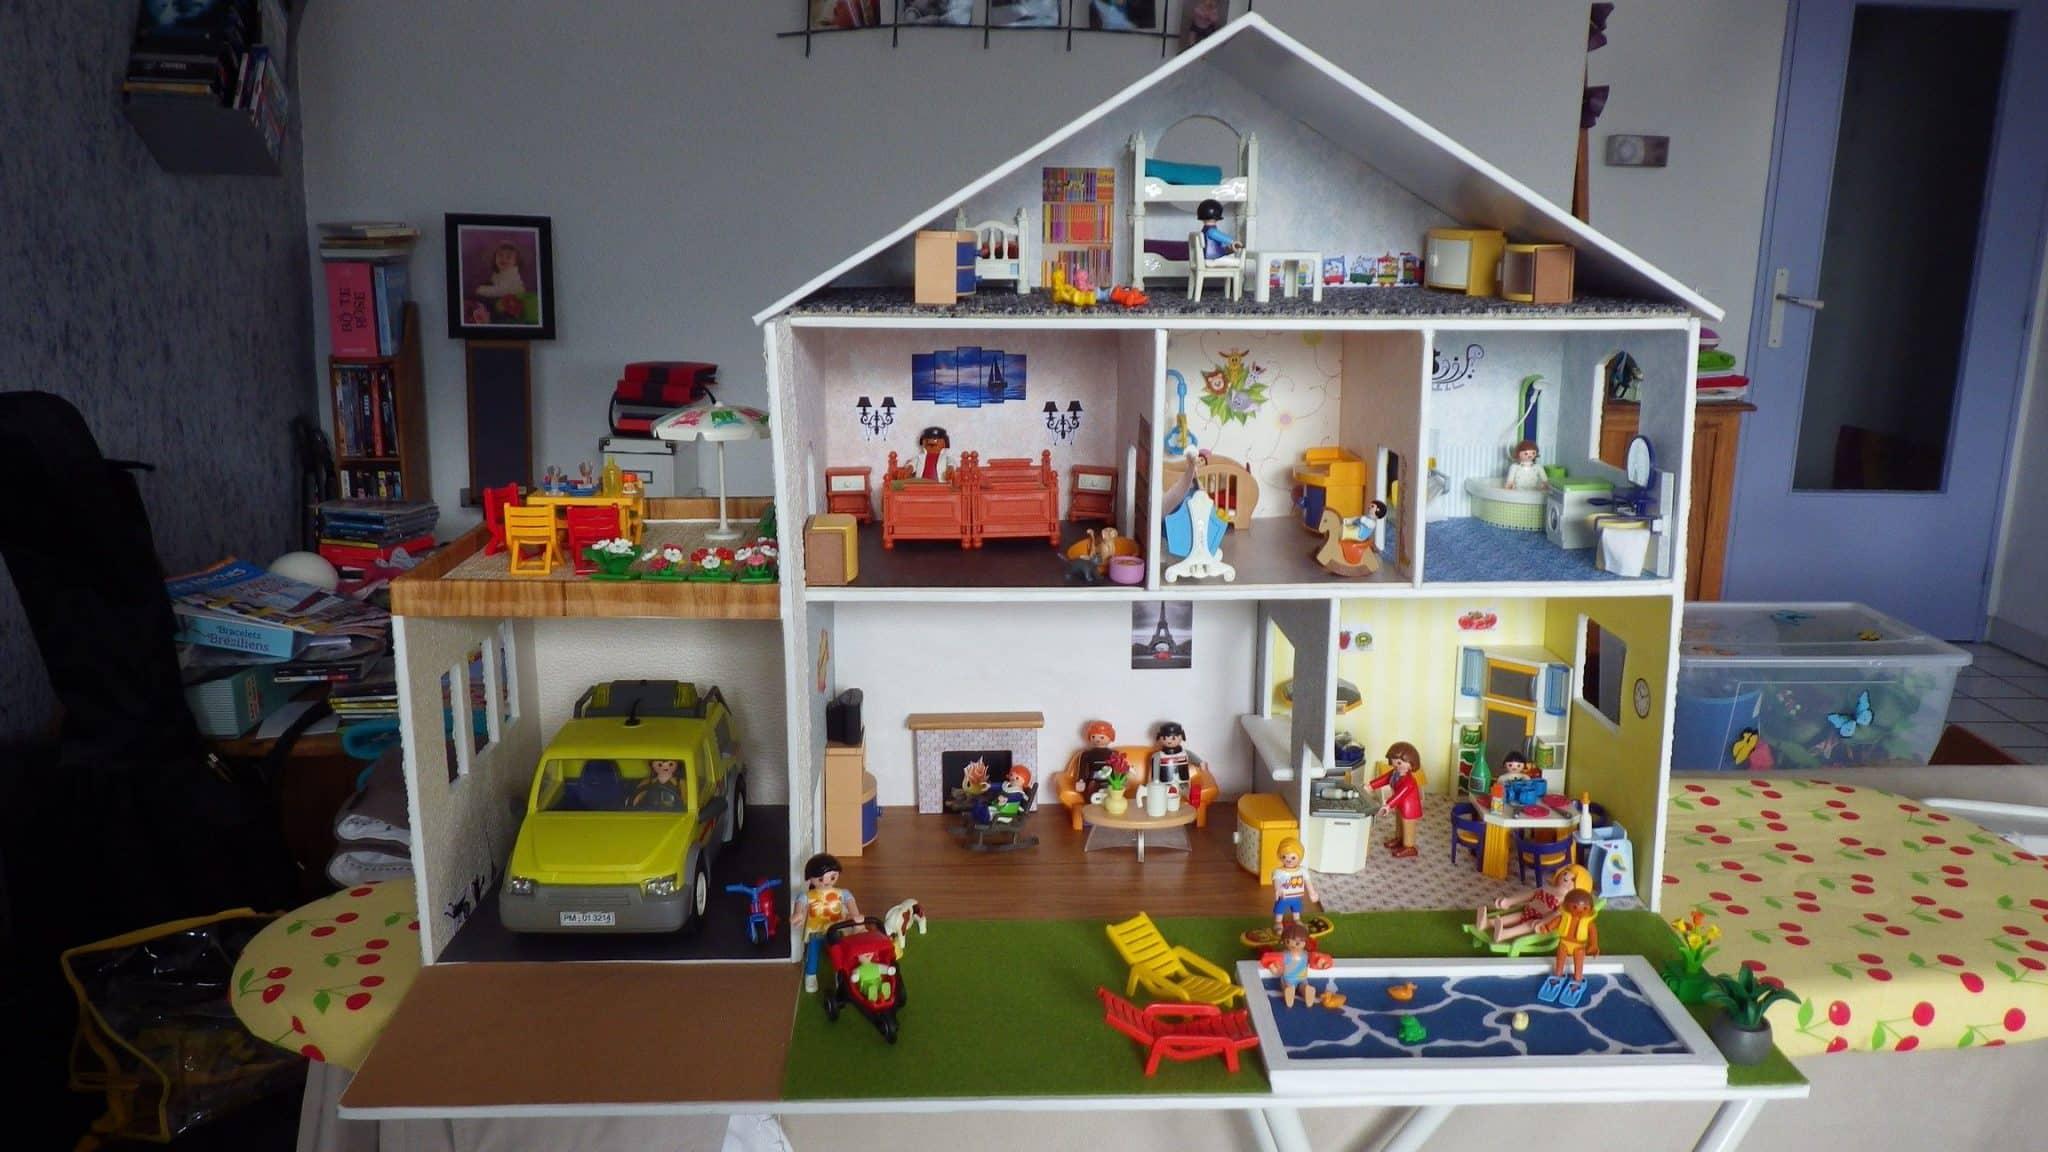 Comment Construire La Maison Moderne Playmobil Comment Proceder A L Assemblage Des Pieces